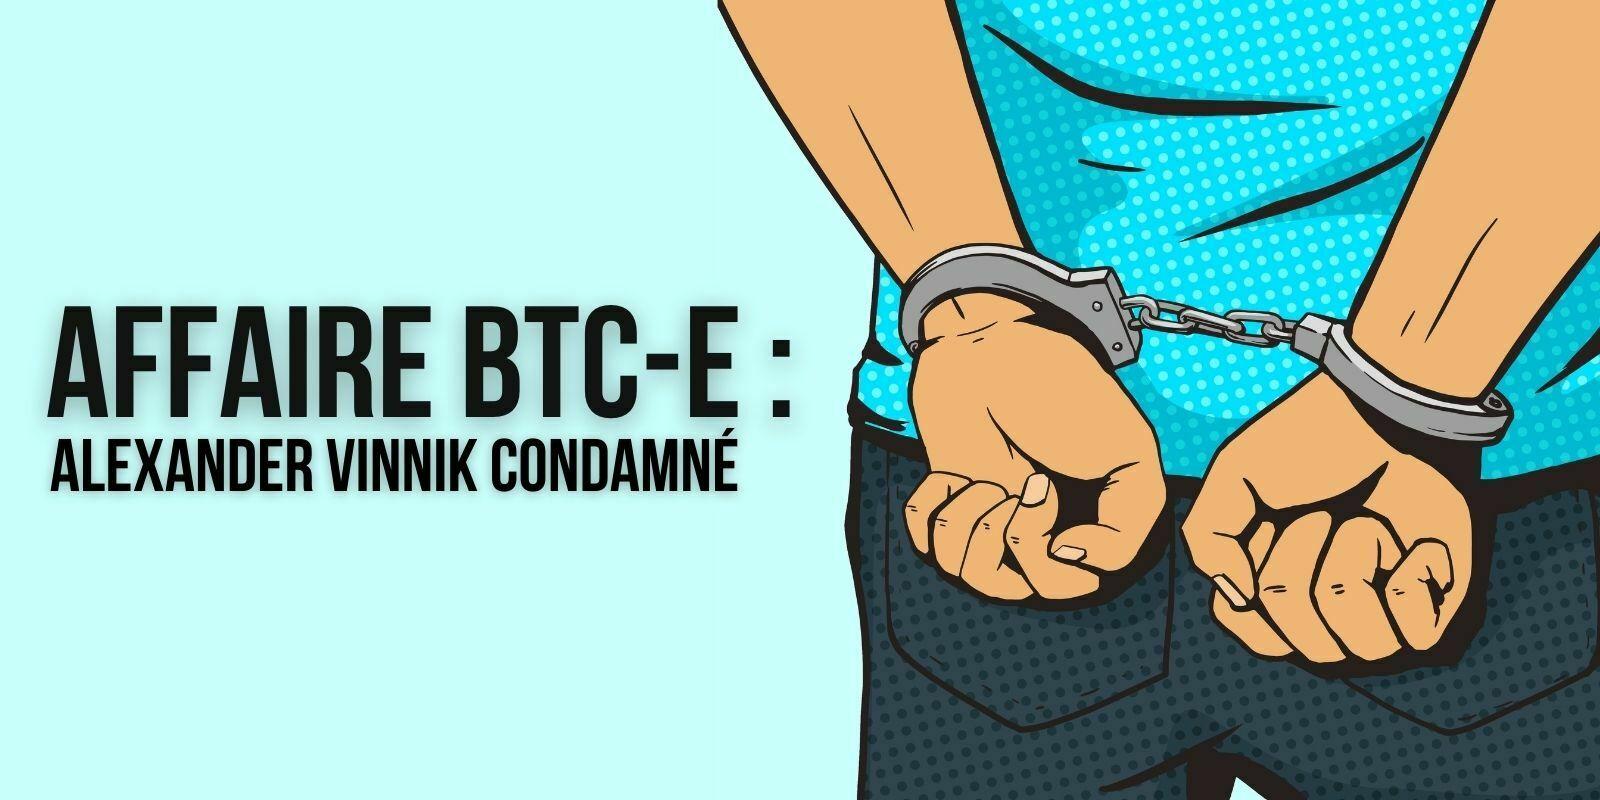 France: Alexander Vinnik condamné à 5 ans de prison pour blanchiment d'argent